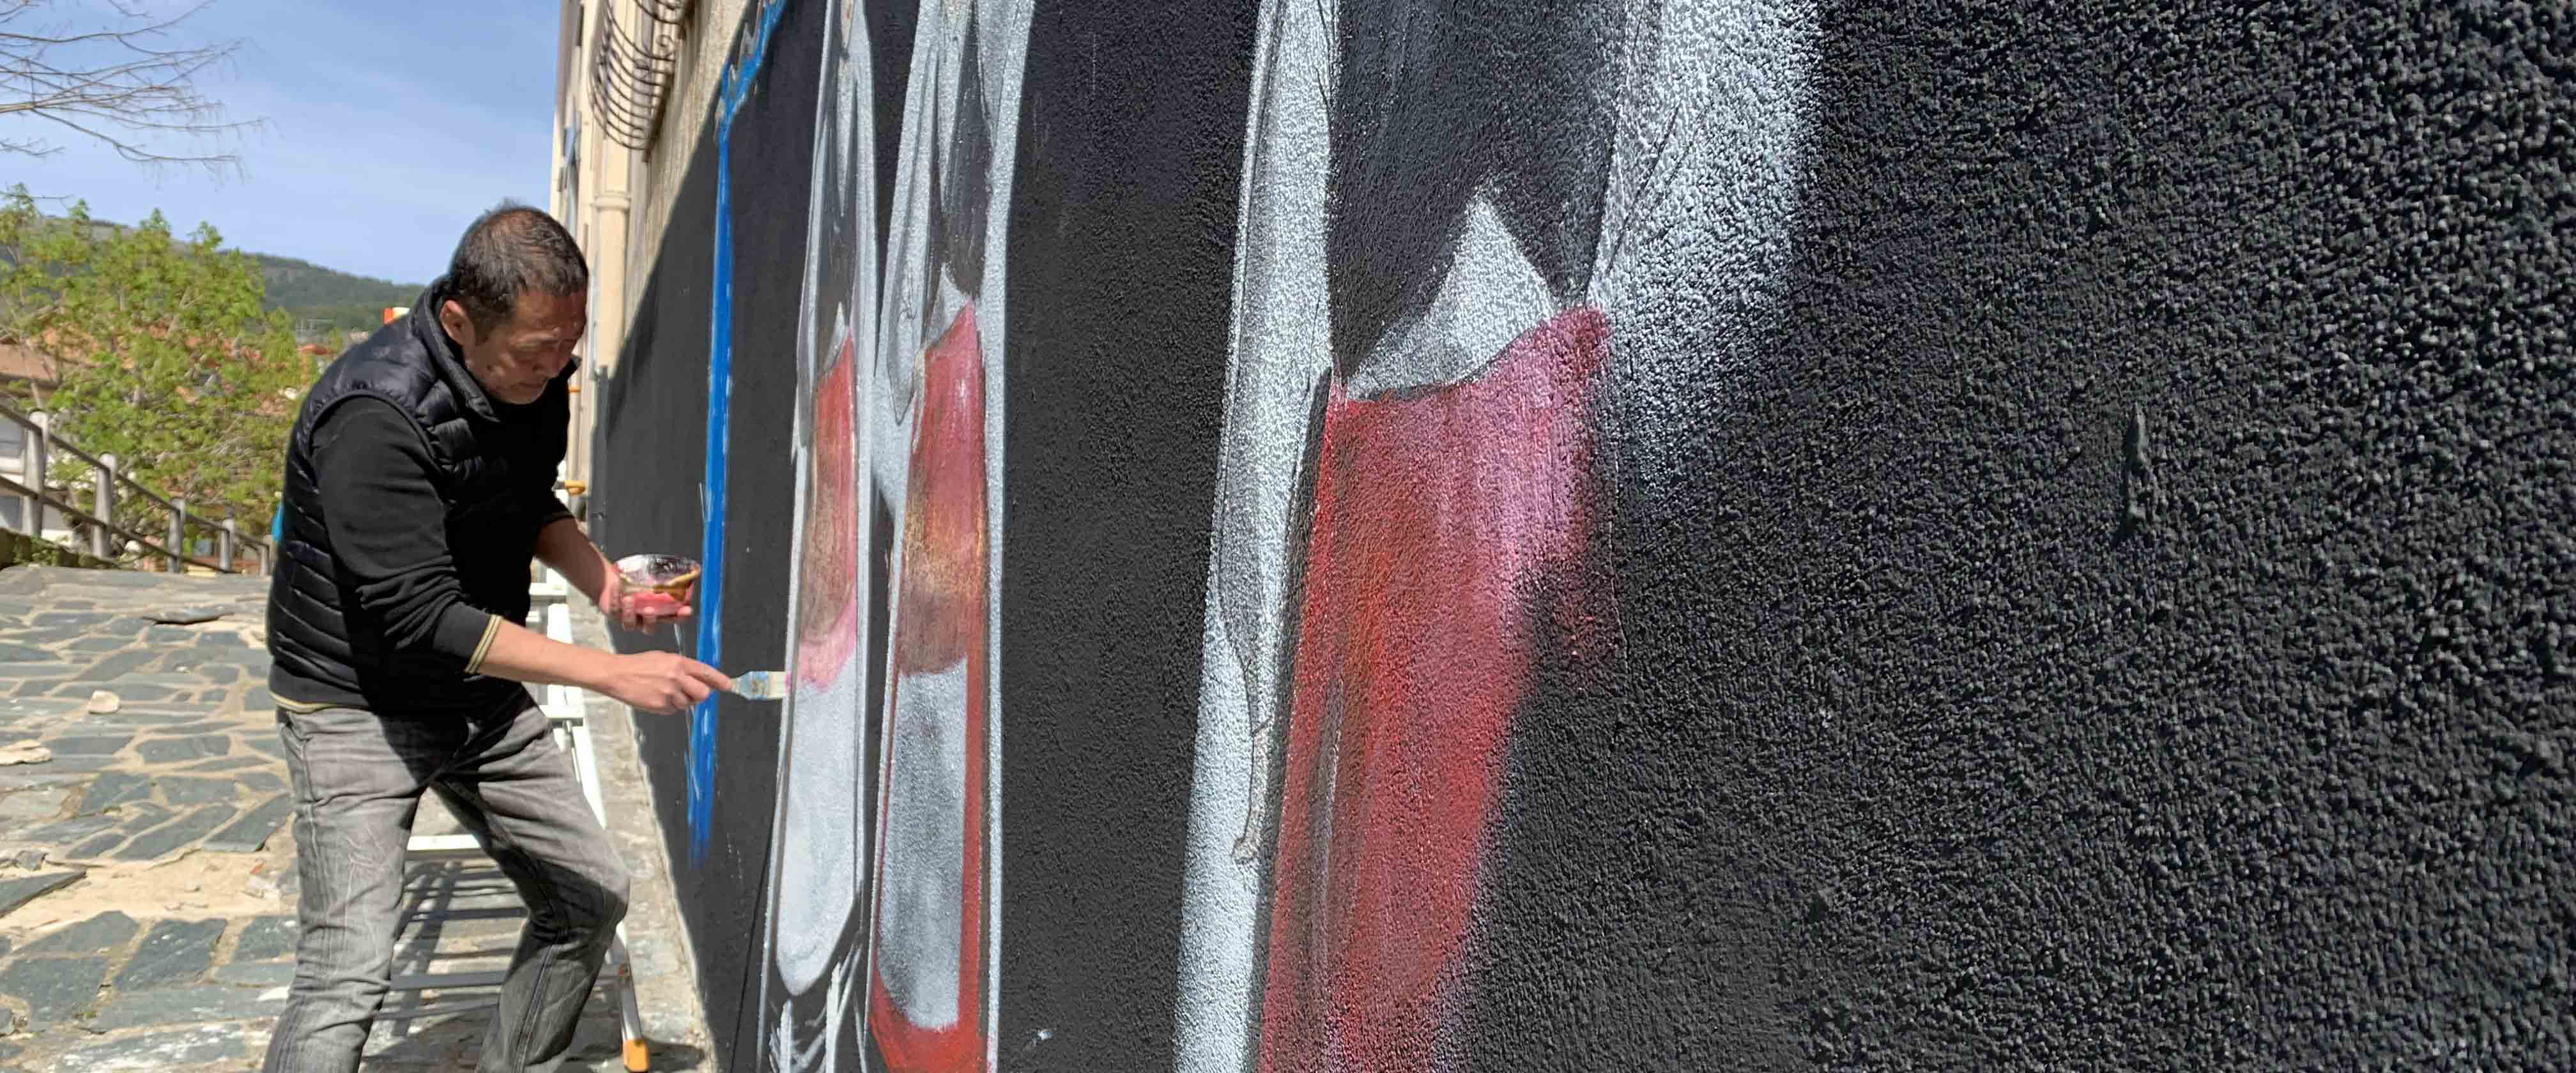 Tonara con lo chef muralista è più vicina a Tokyo